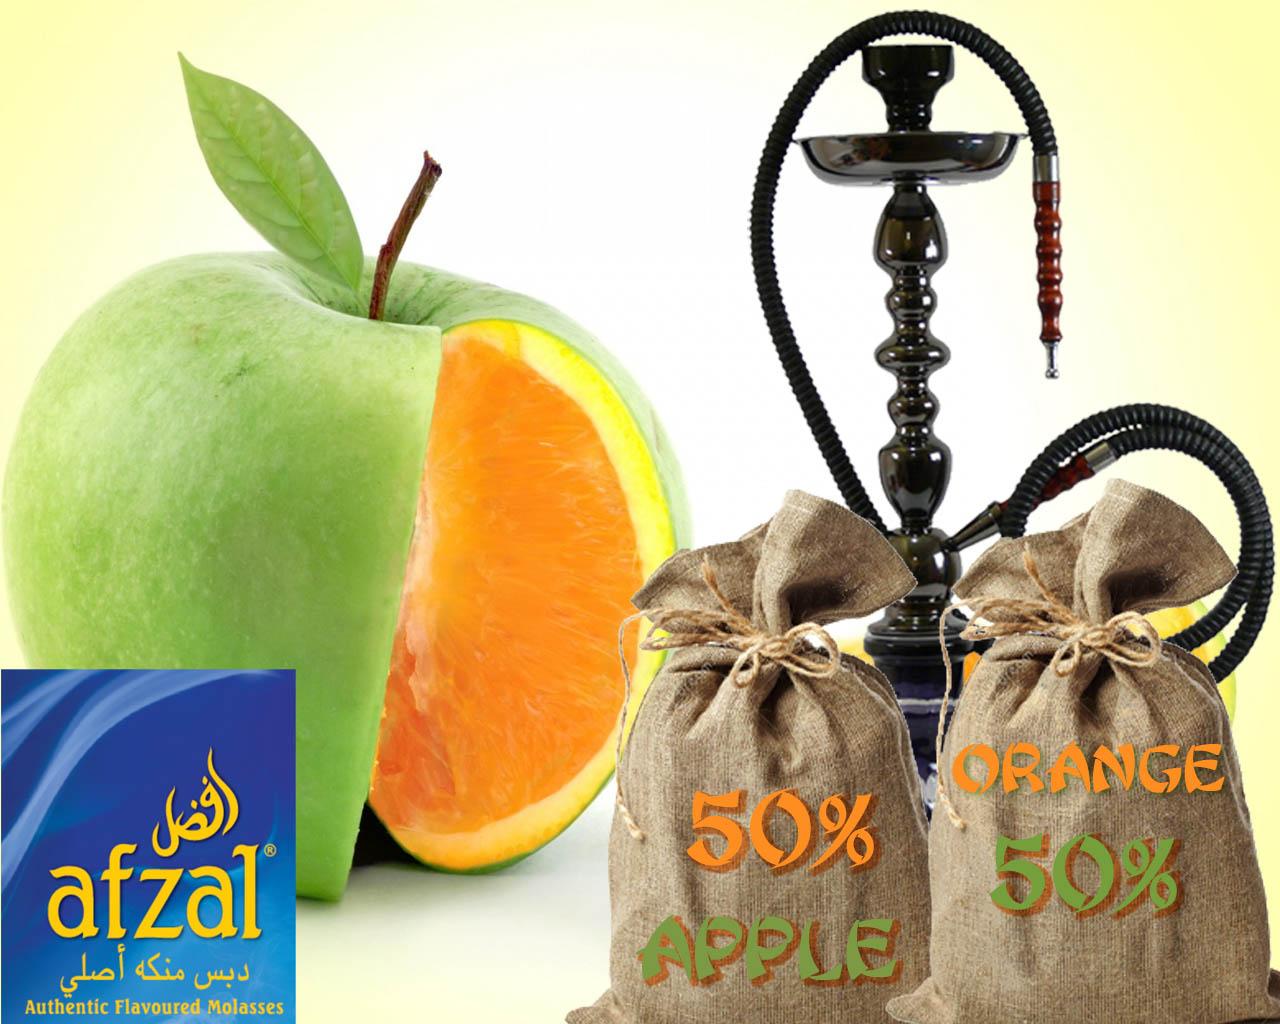 afzal miks apple orange